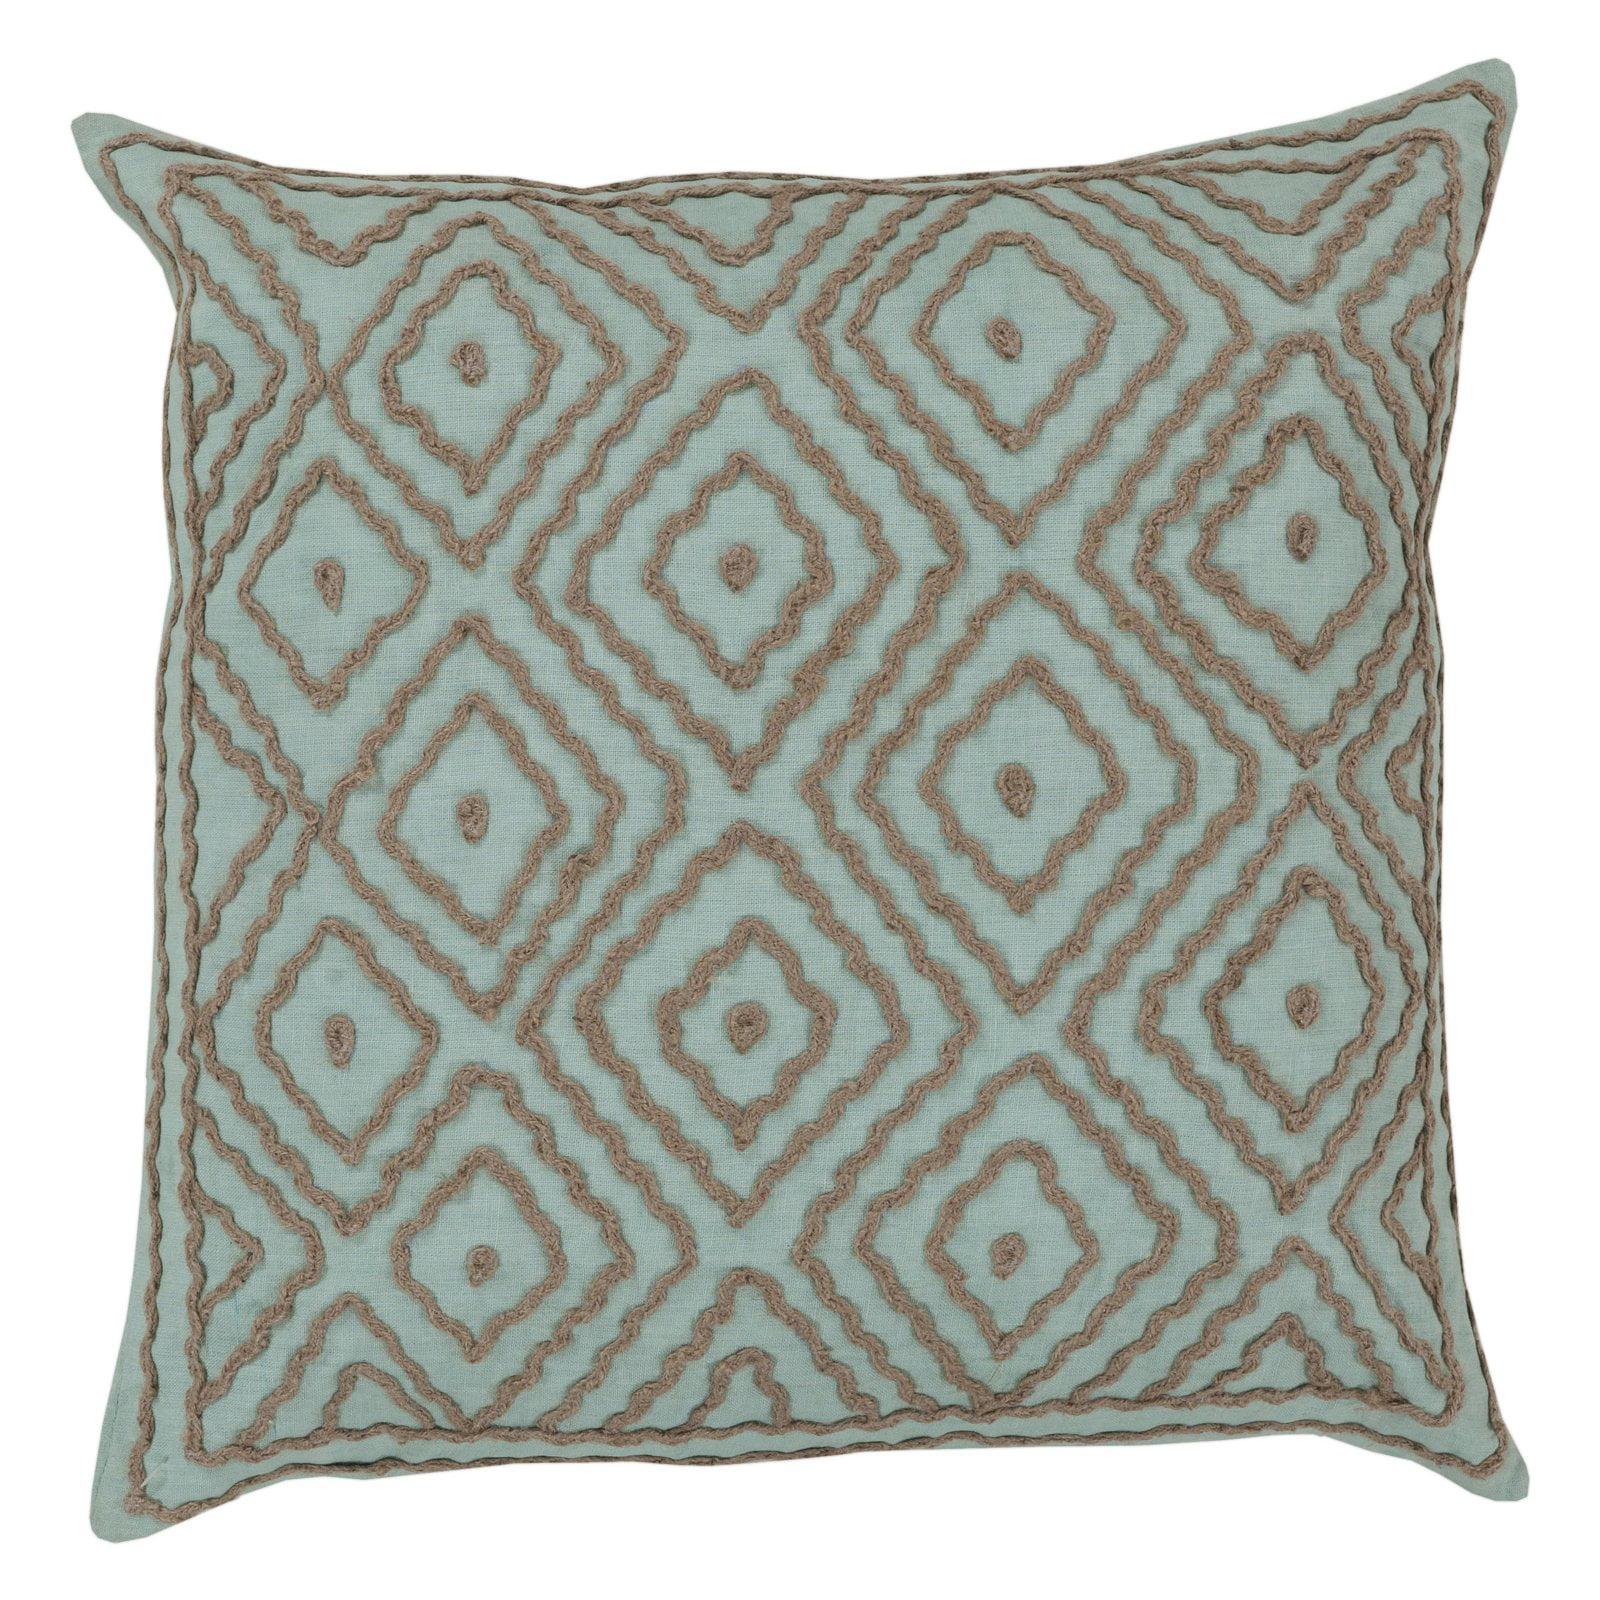 Surya Multi-Dimensional Diamond Decorative Pillow